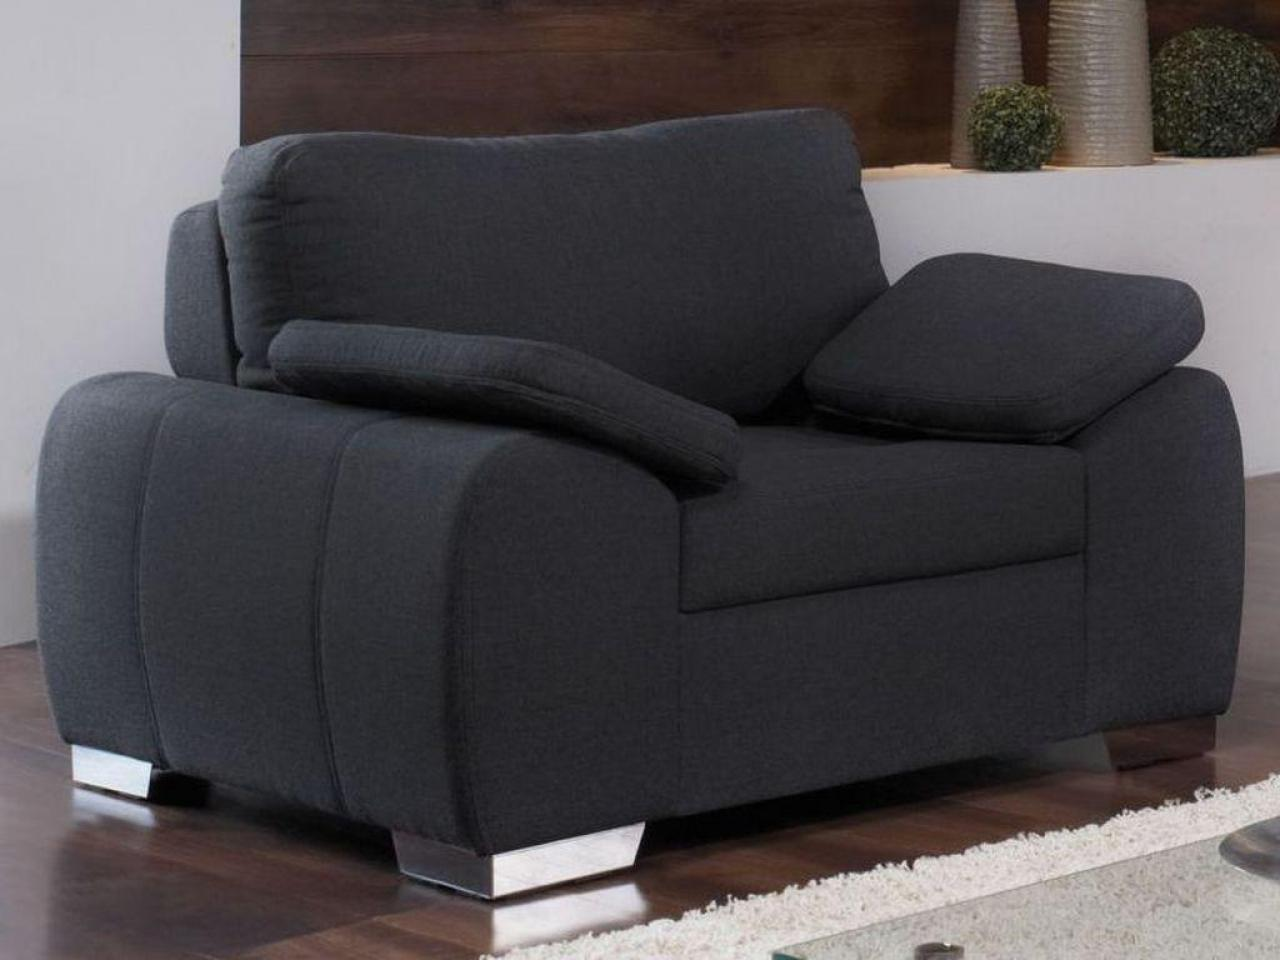 Furnipol - кресла удобные и недорогие! - 8